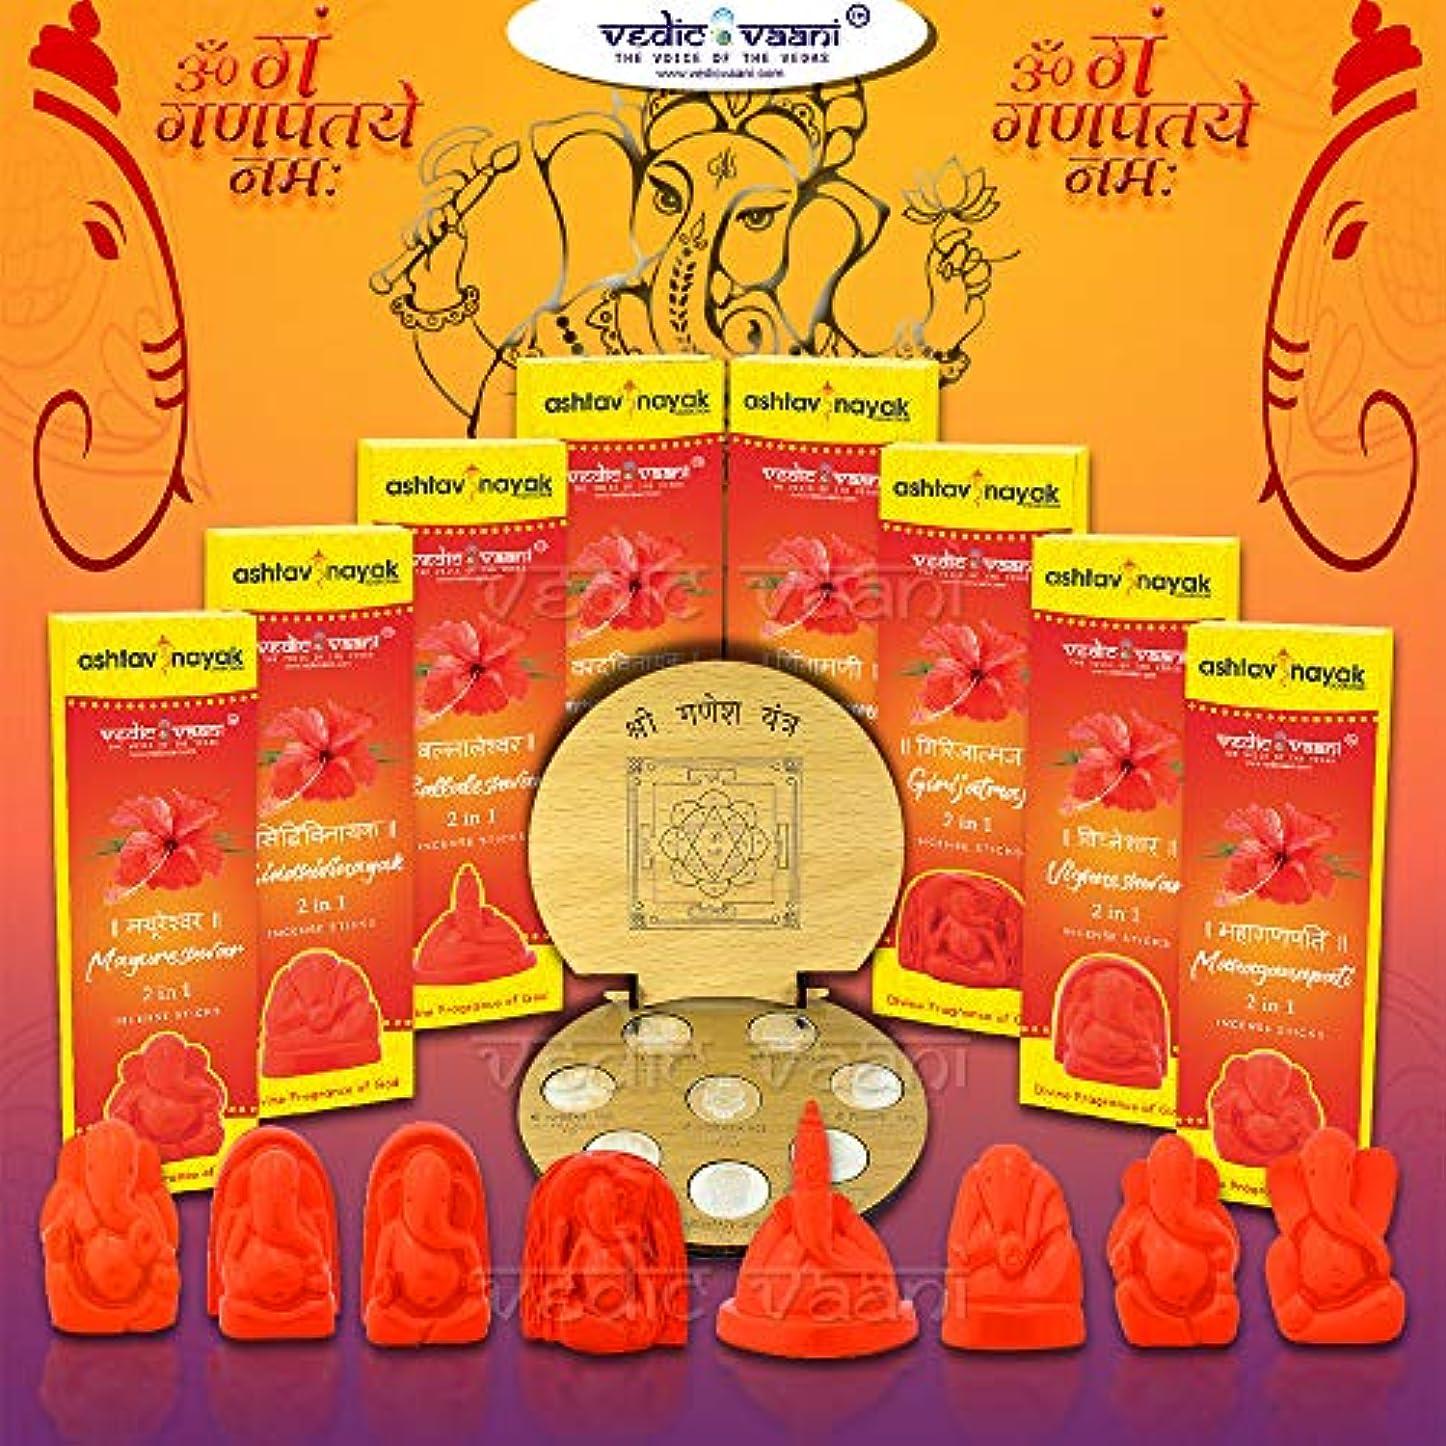 従者法的王室Vedic Vaani Shree Ashtavinayak Darshan Yantra with Ashtavinayak Darshan Set & Ganesh Festival お香セット (各100GM)